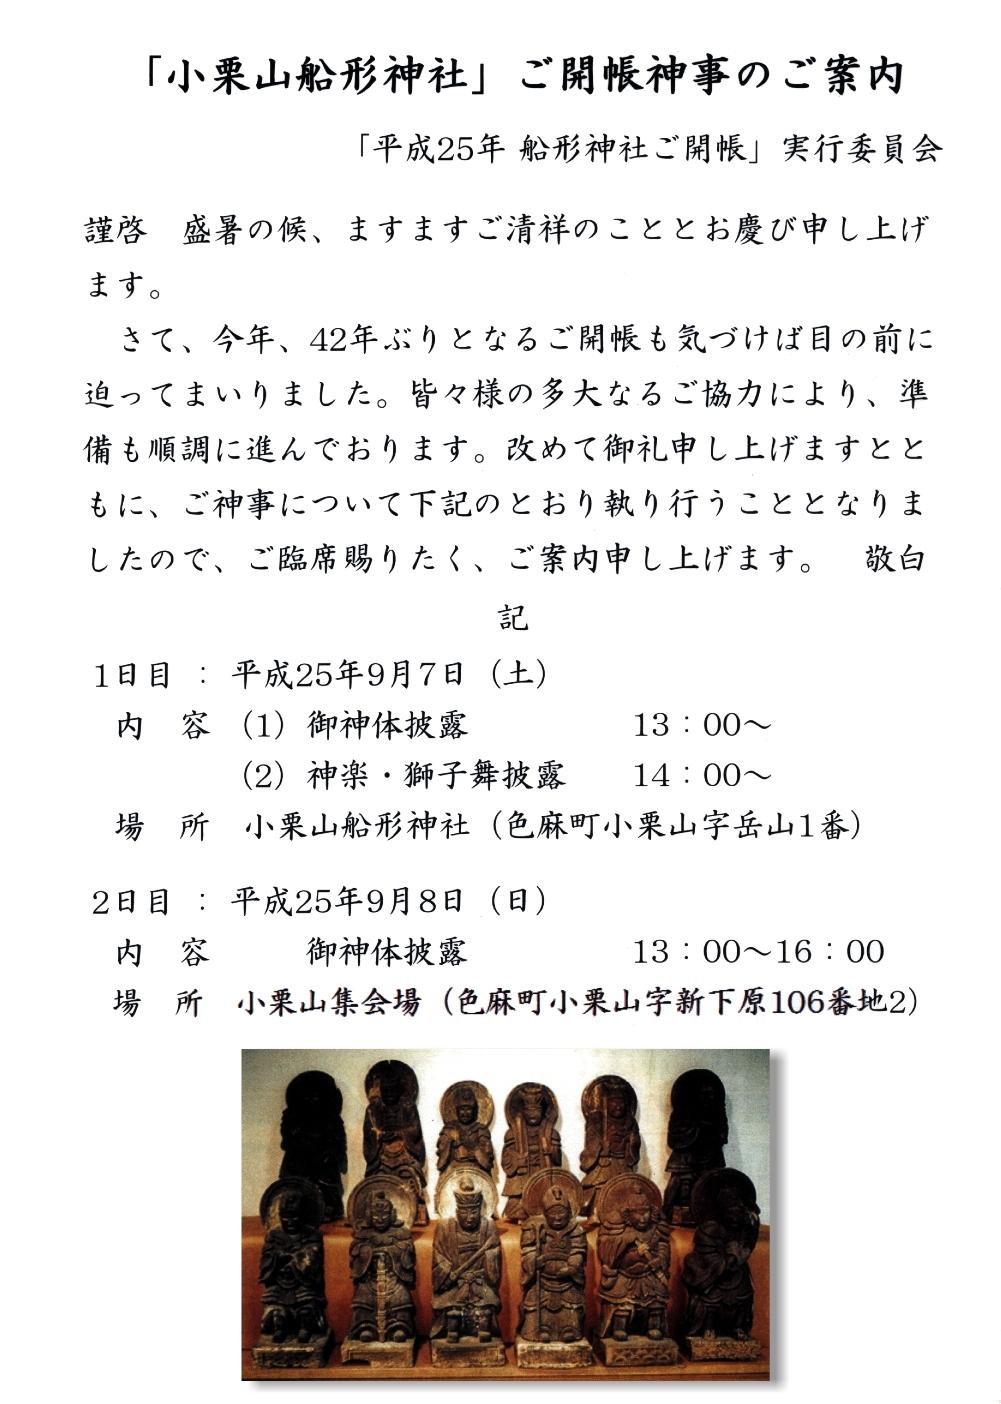 2013-08-10-1629-36B.jpg